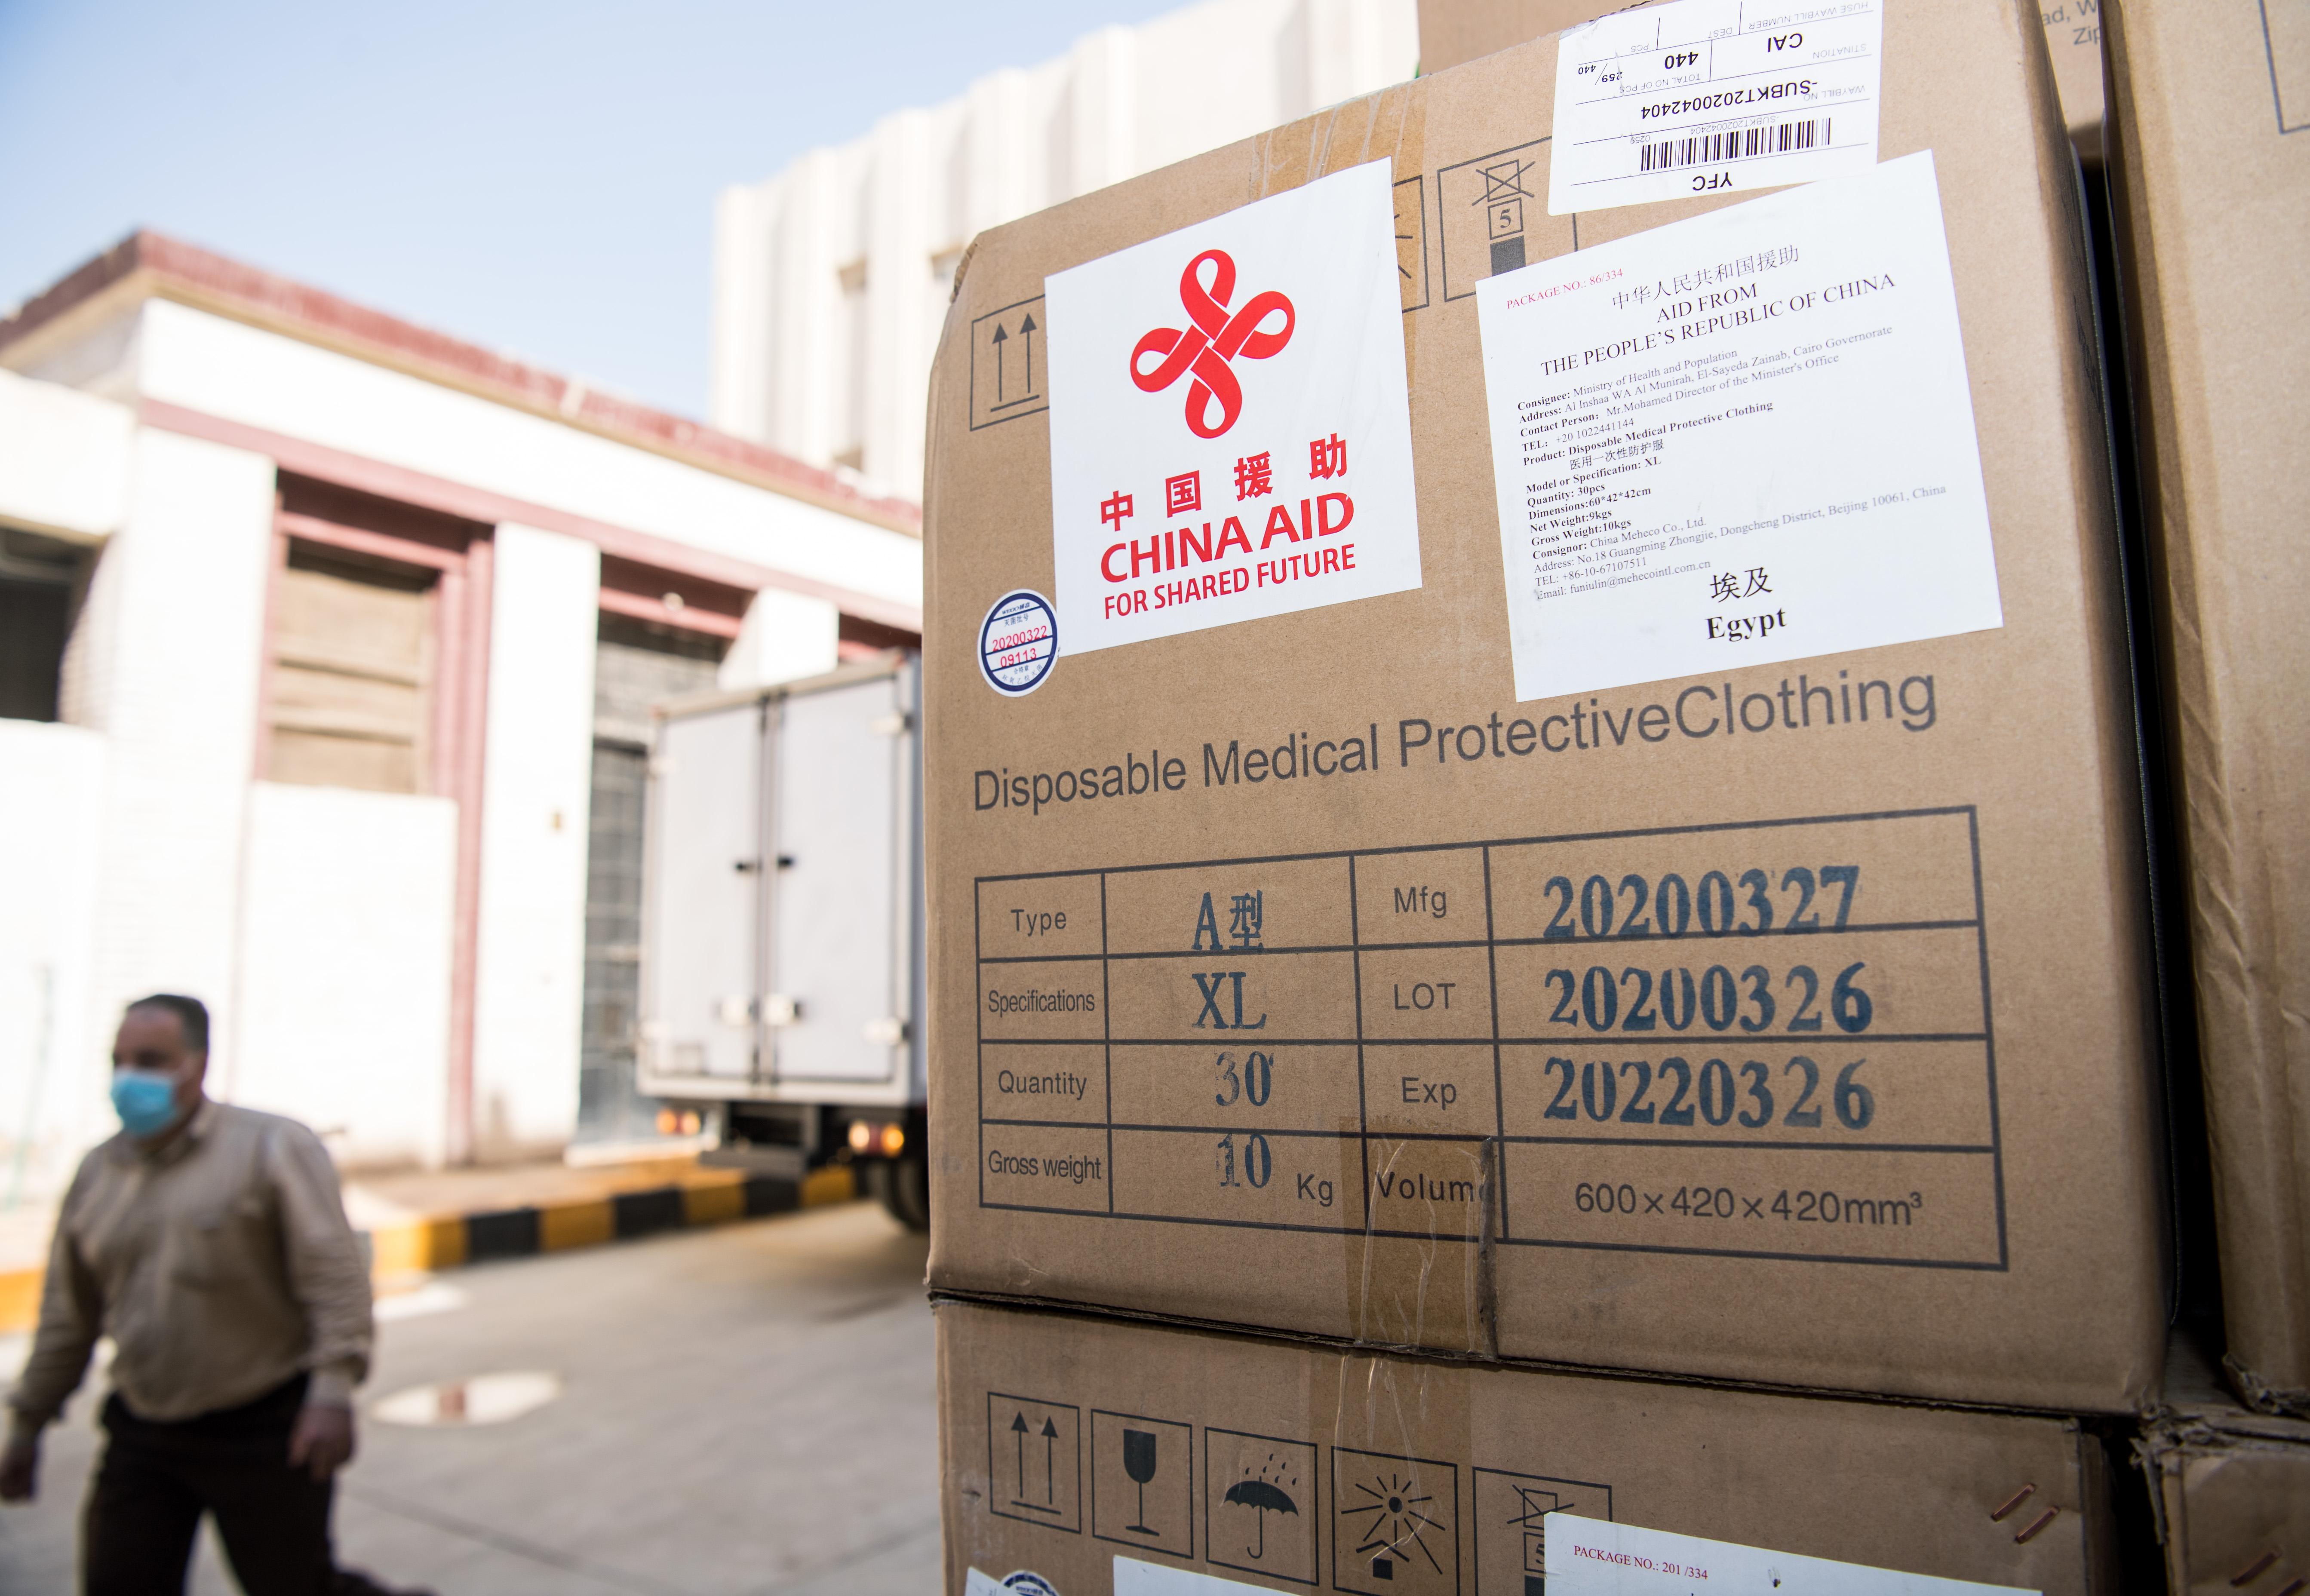 新华社照片,开罗,2020年5月10日 这是5月10日在埃及首都开罗拍摄的中国政府援助埃及的抗疫物资。 新华社记者邬惠我摄